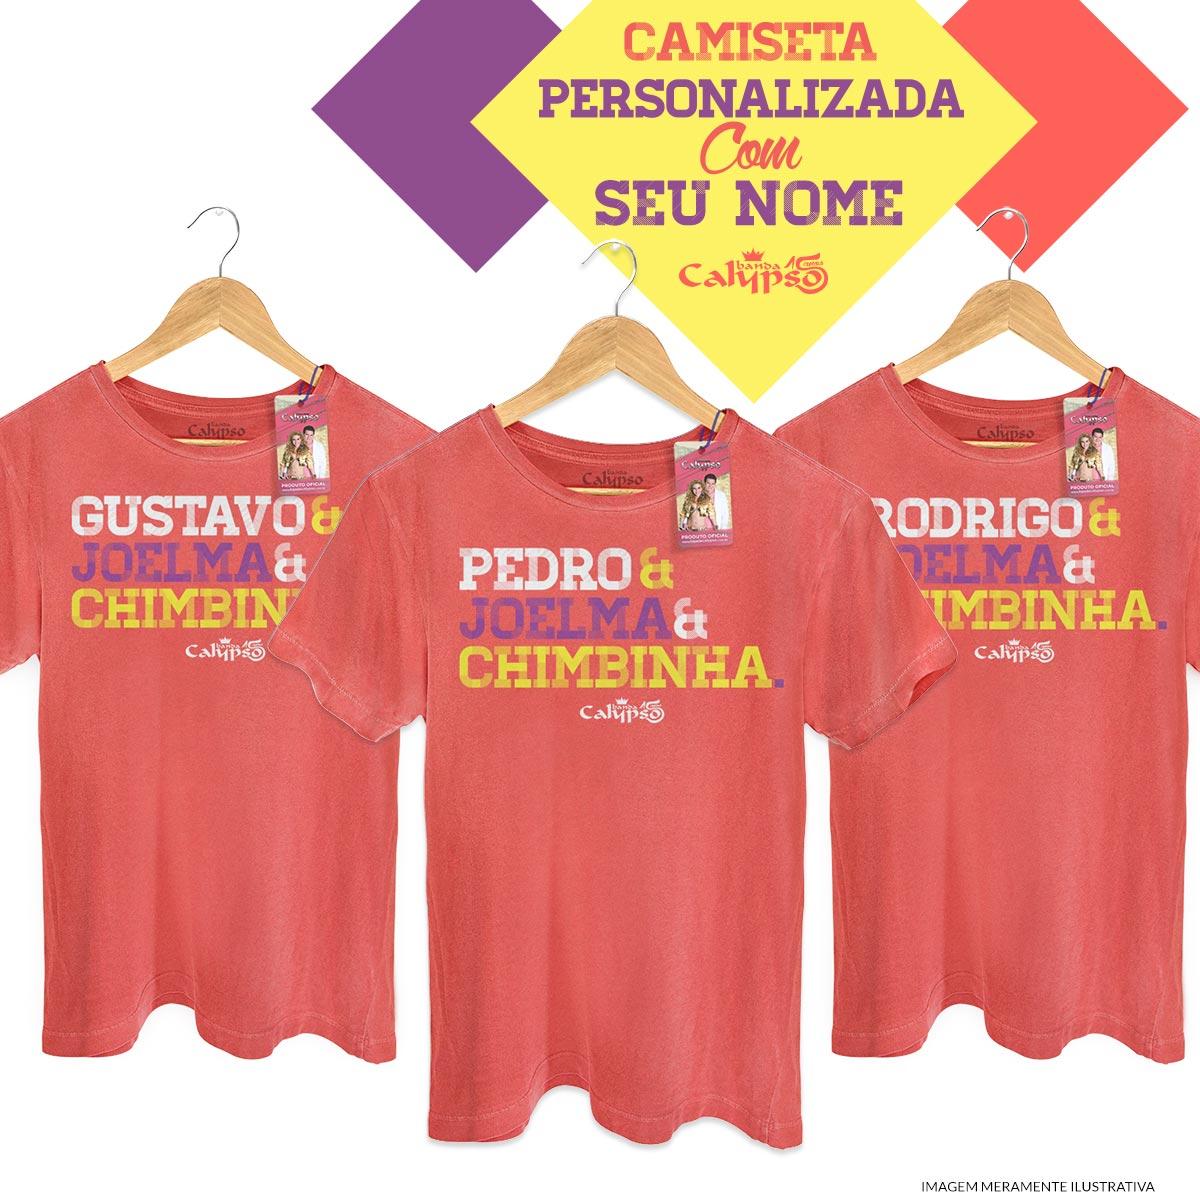 T-shirt Premium Masculina Calypso Você, Joelma e Chimbinha